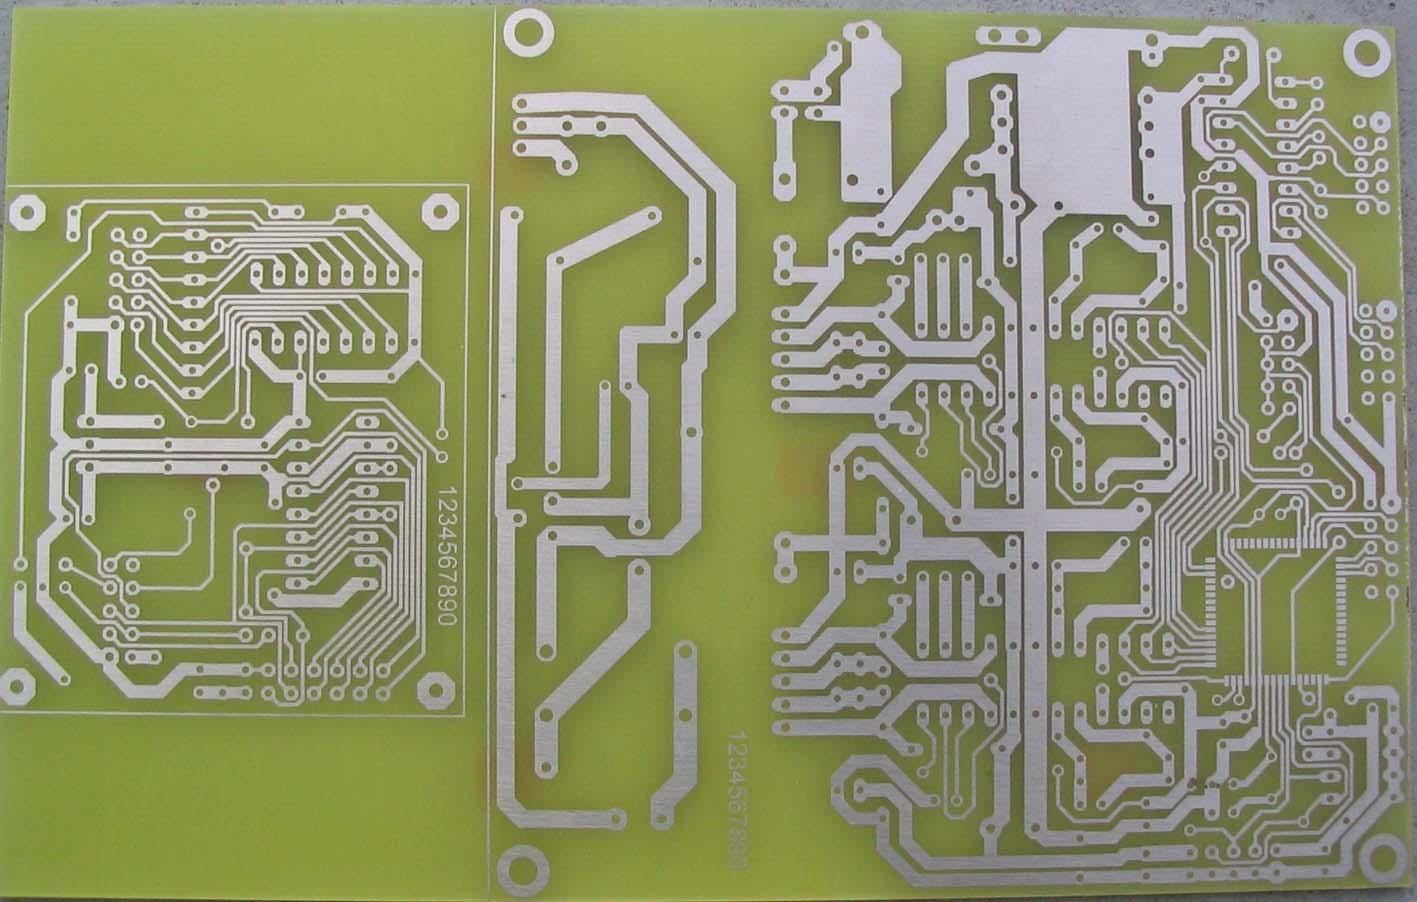 Platinen-&Aumltztechnik. Vom Layout zur selbsterstellten Platine. (= Conrad Electronic Paperback). Werner K. Guldan